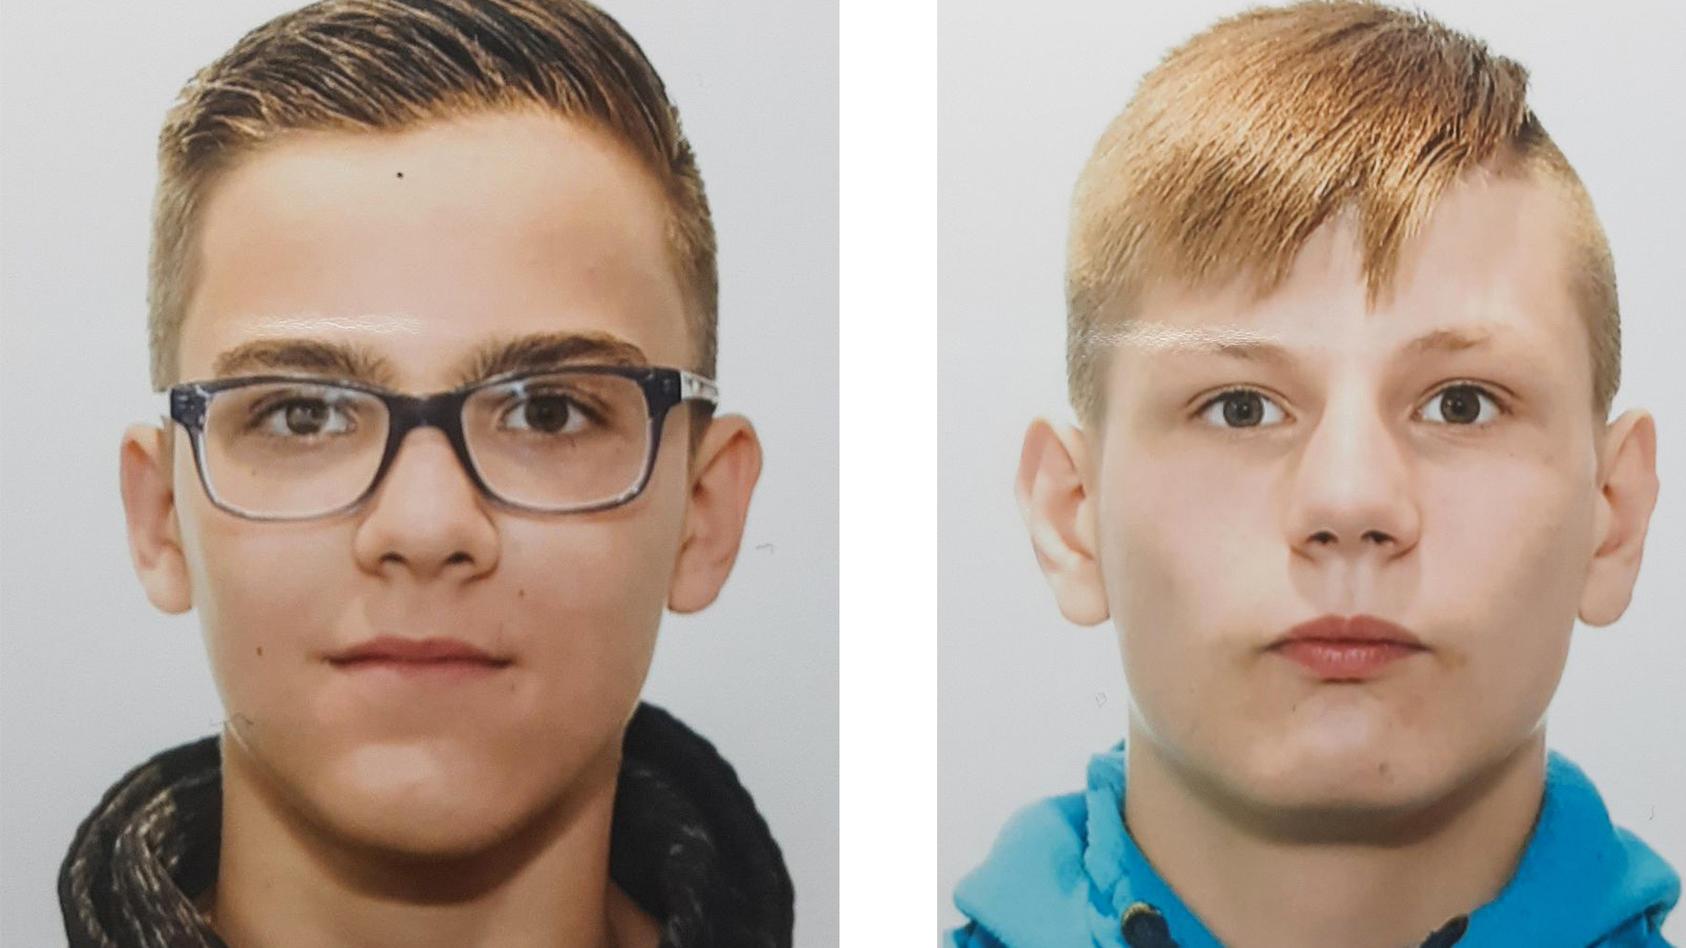 Leam und Nic Karl aus Solingen werden vermisst